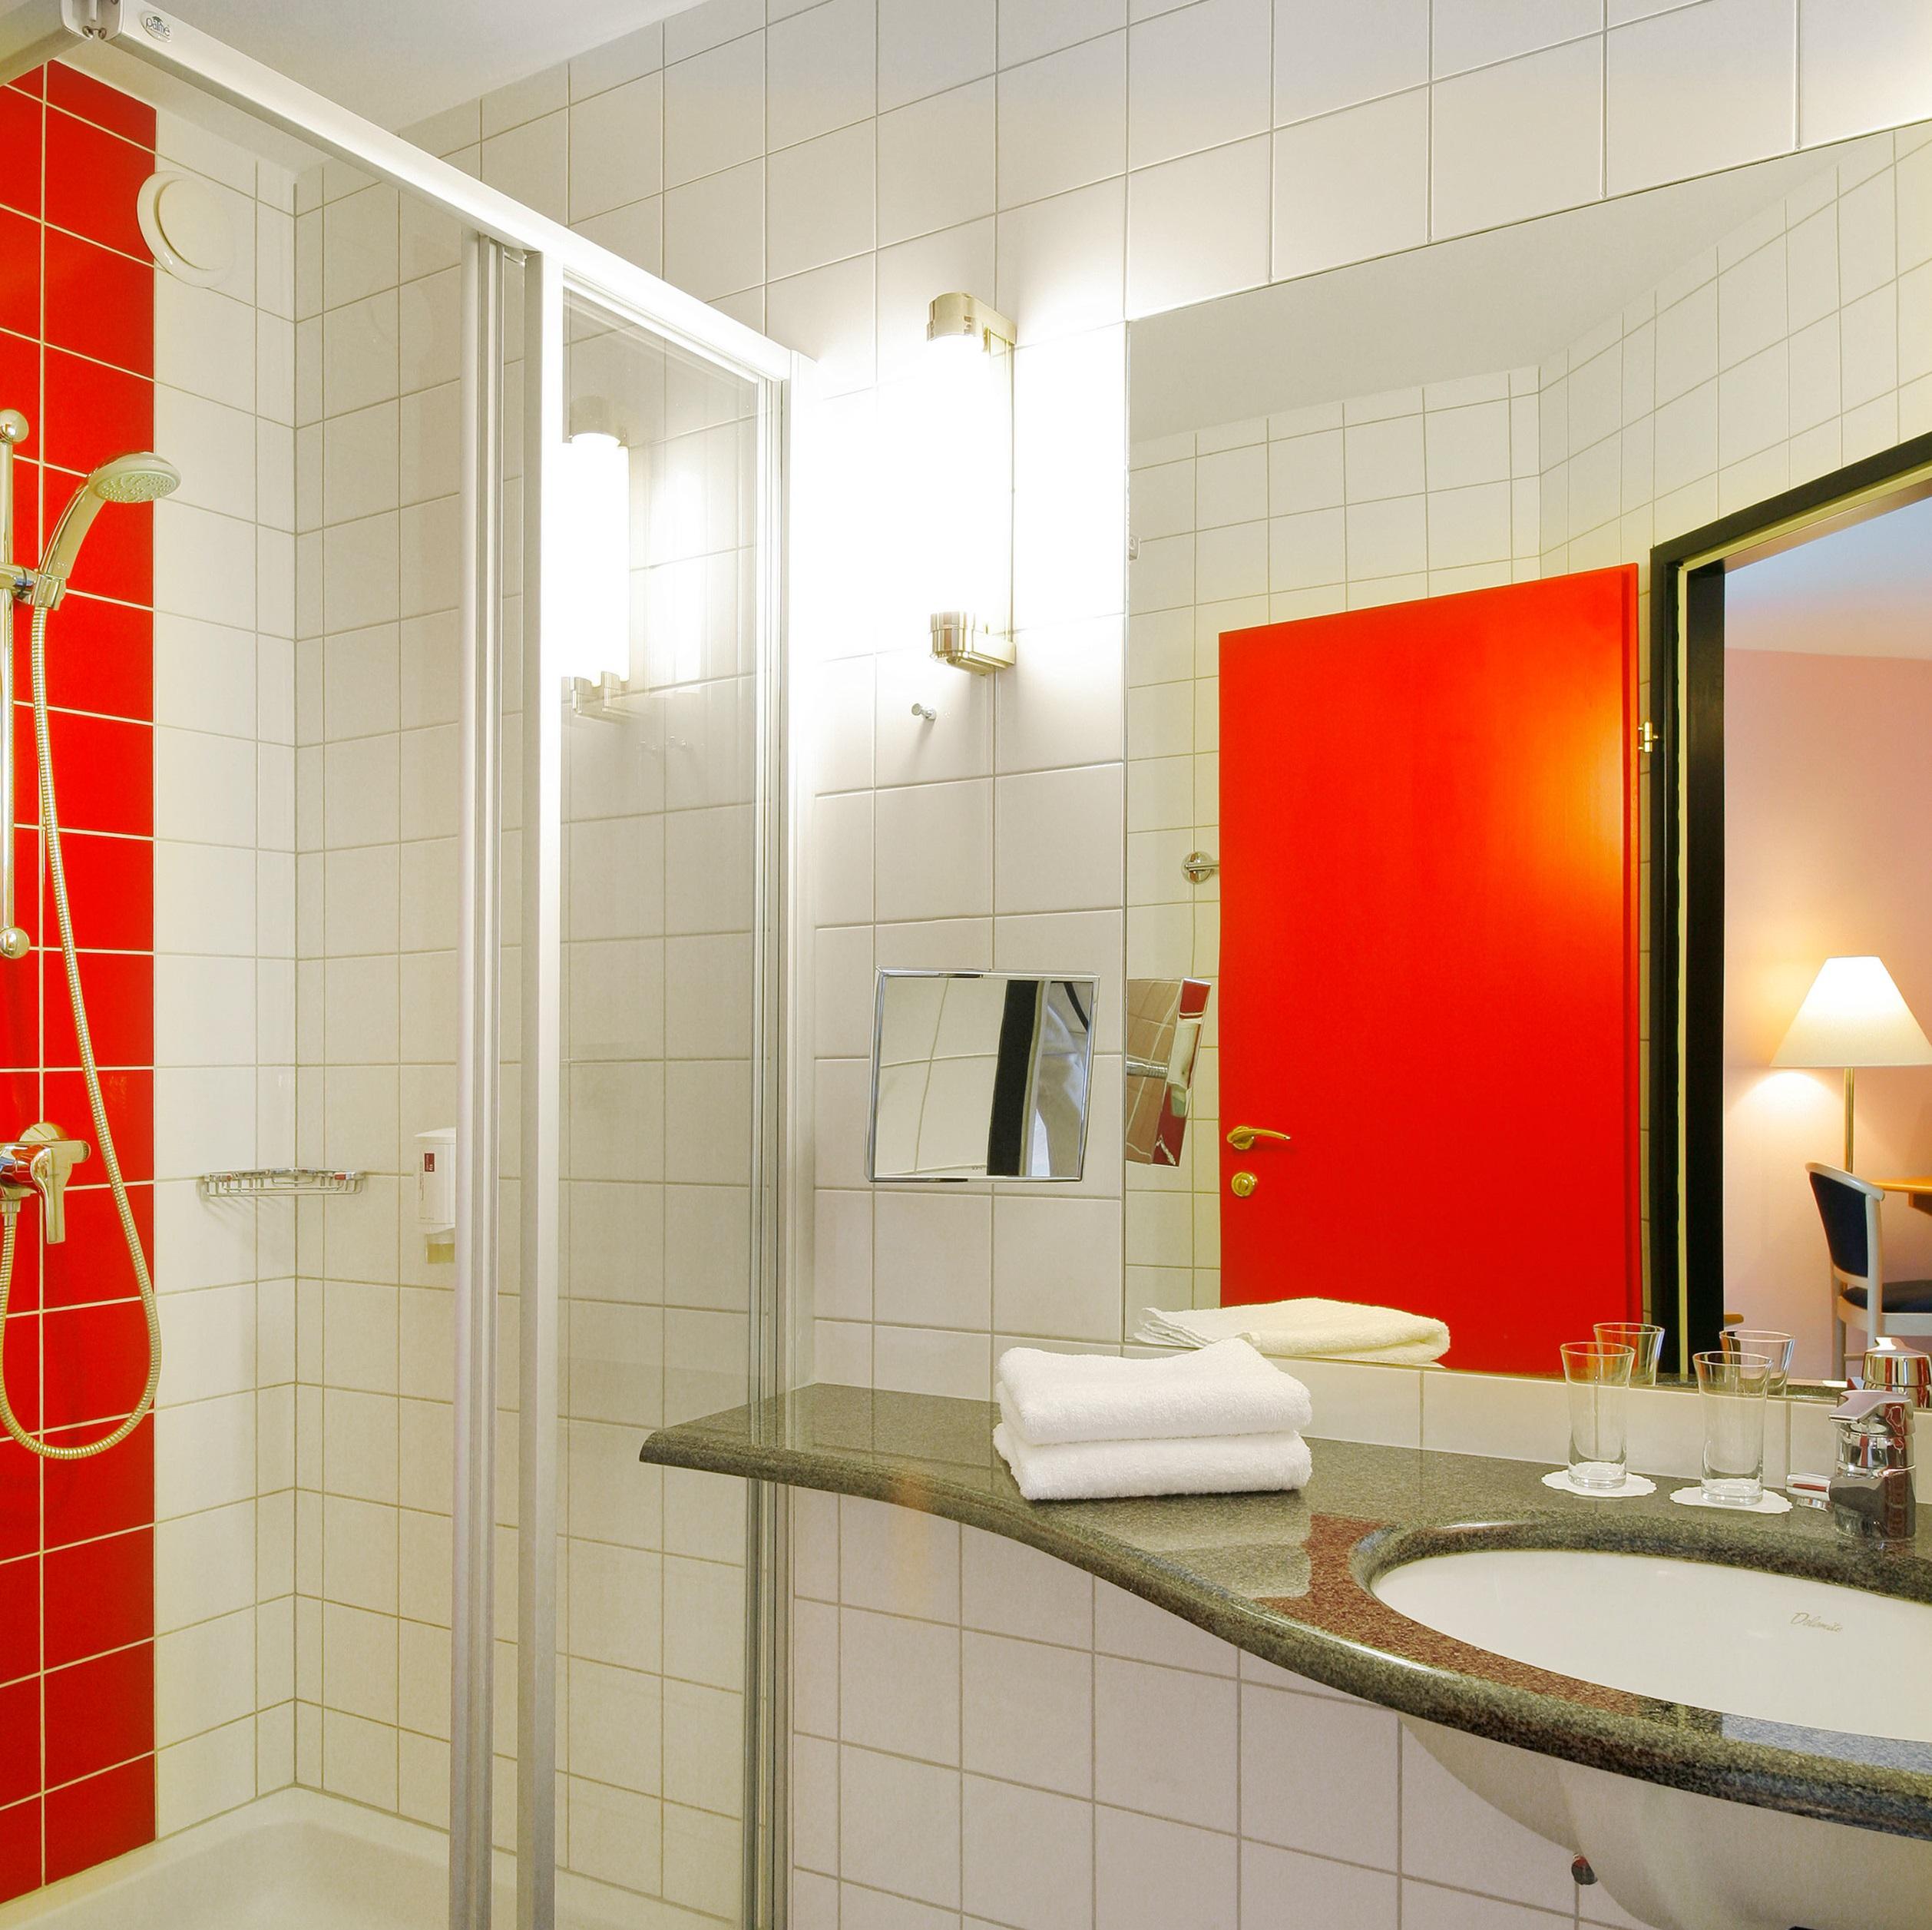 Badezimmer-Kunsthotel Fuchshotel